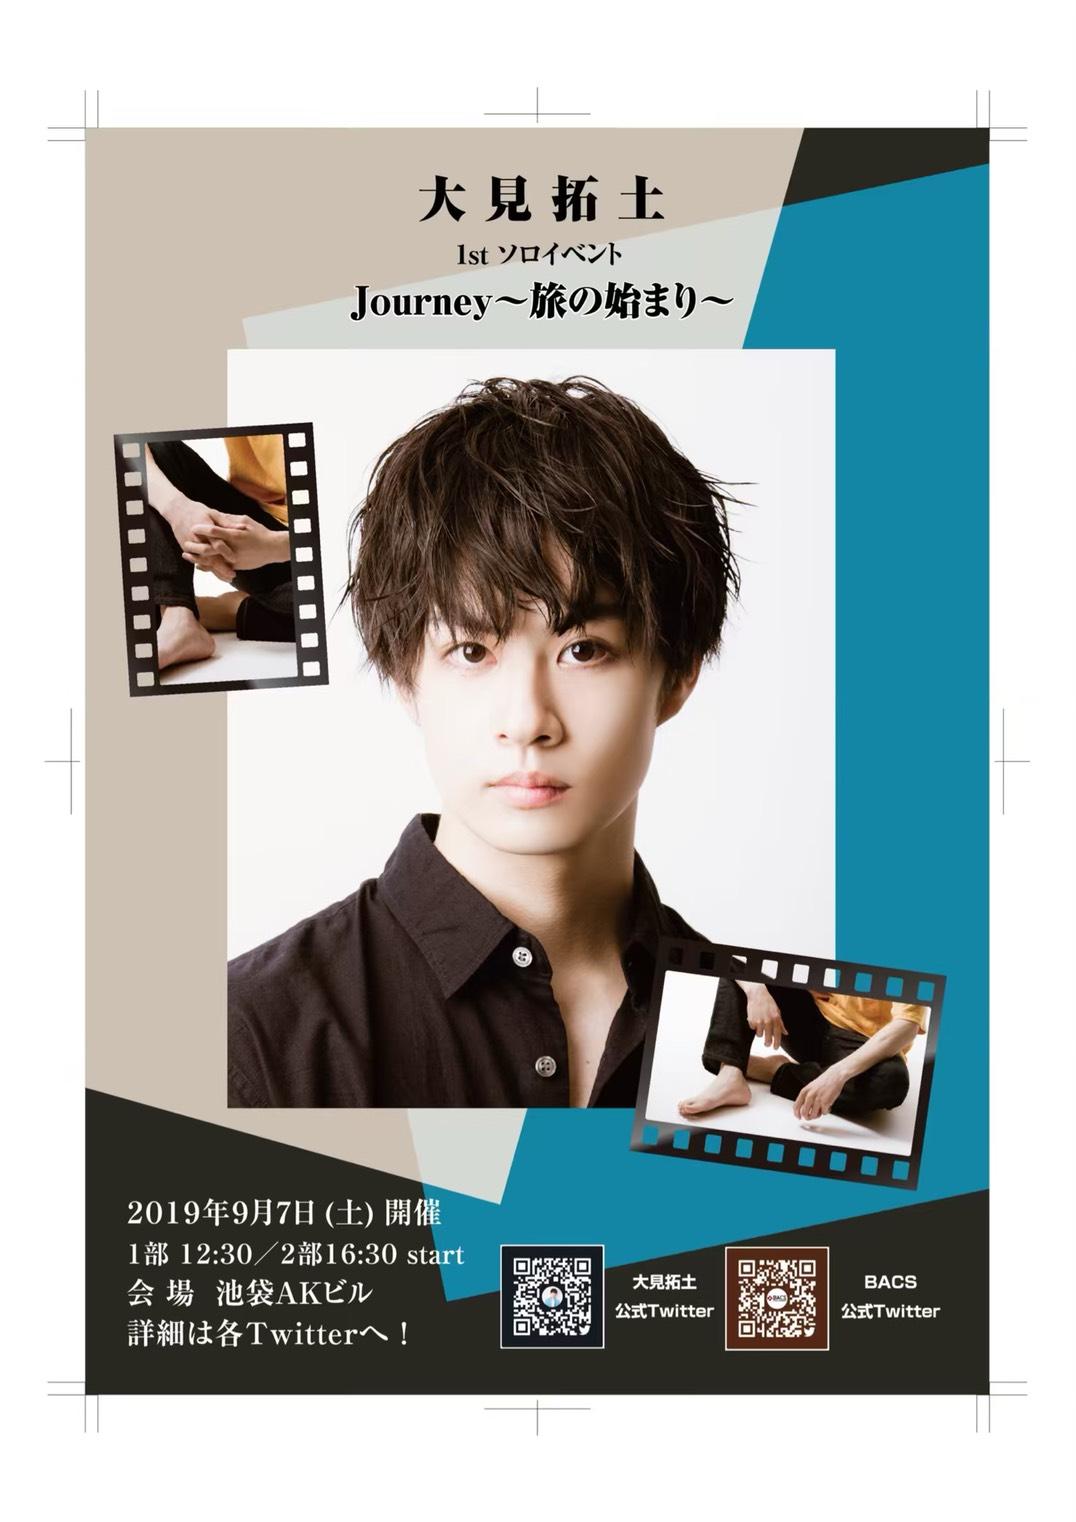 大見拓土 1stソロイベント Journey~旅の始まり~ 【2部】